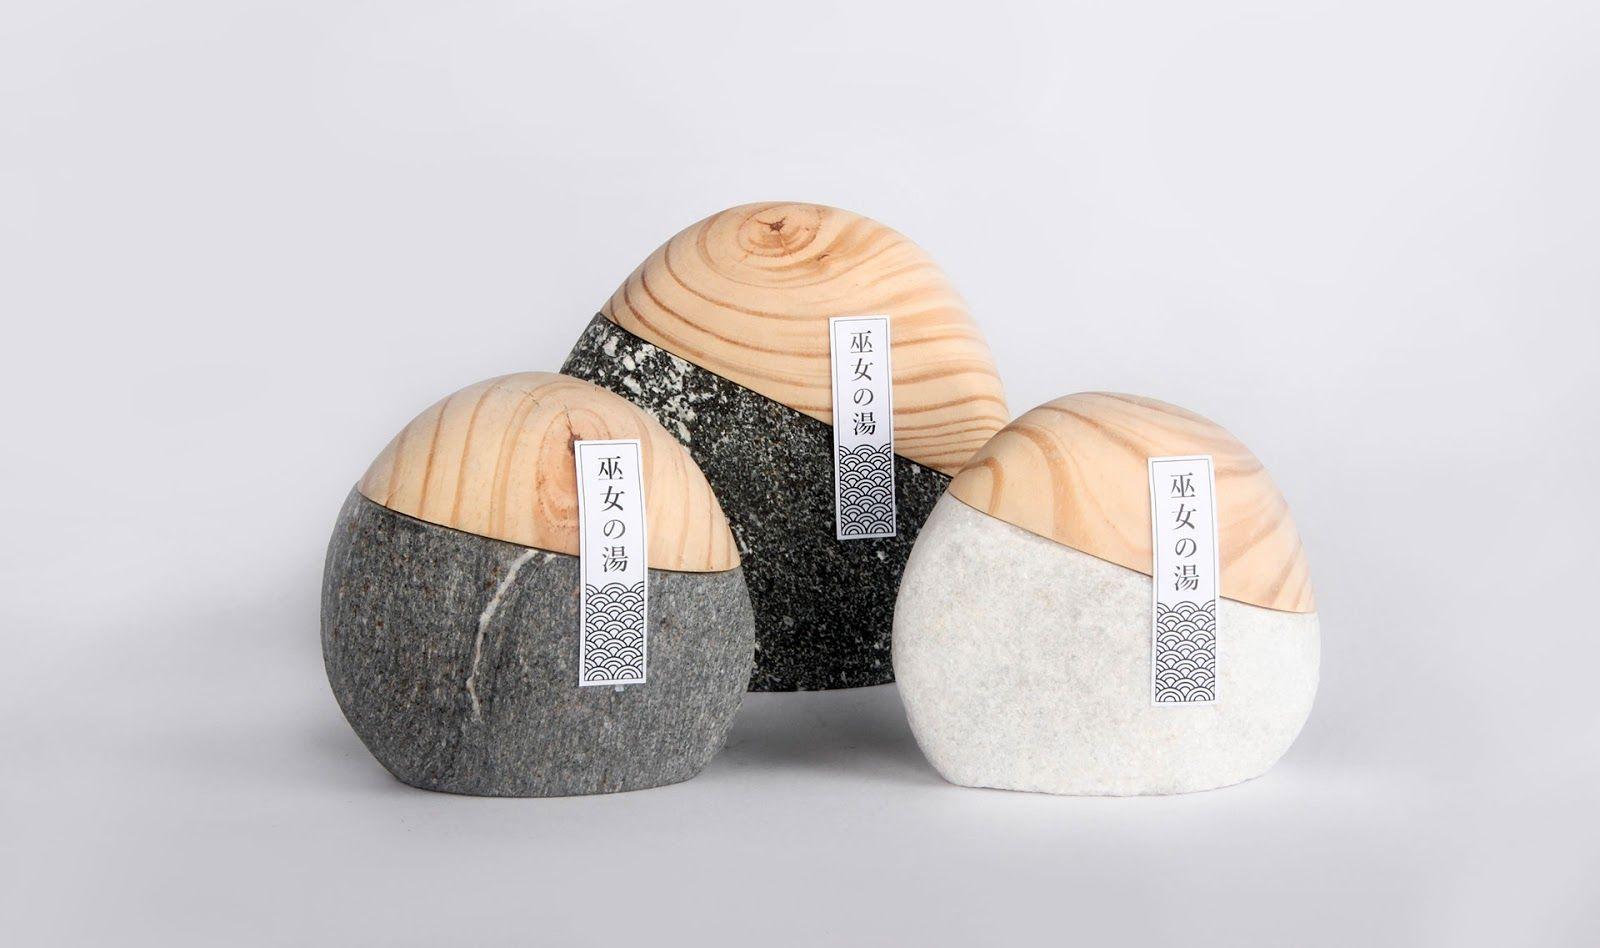 세계의 포장에 관한 Miko No Yu (학생 프로젝트) - Creative Package Design Gallery